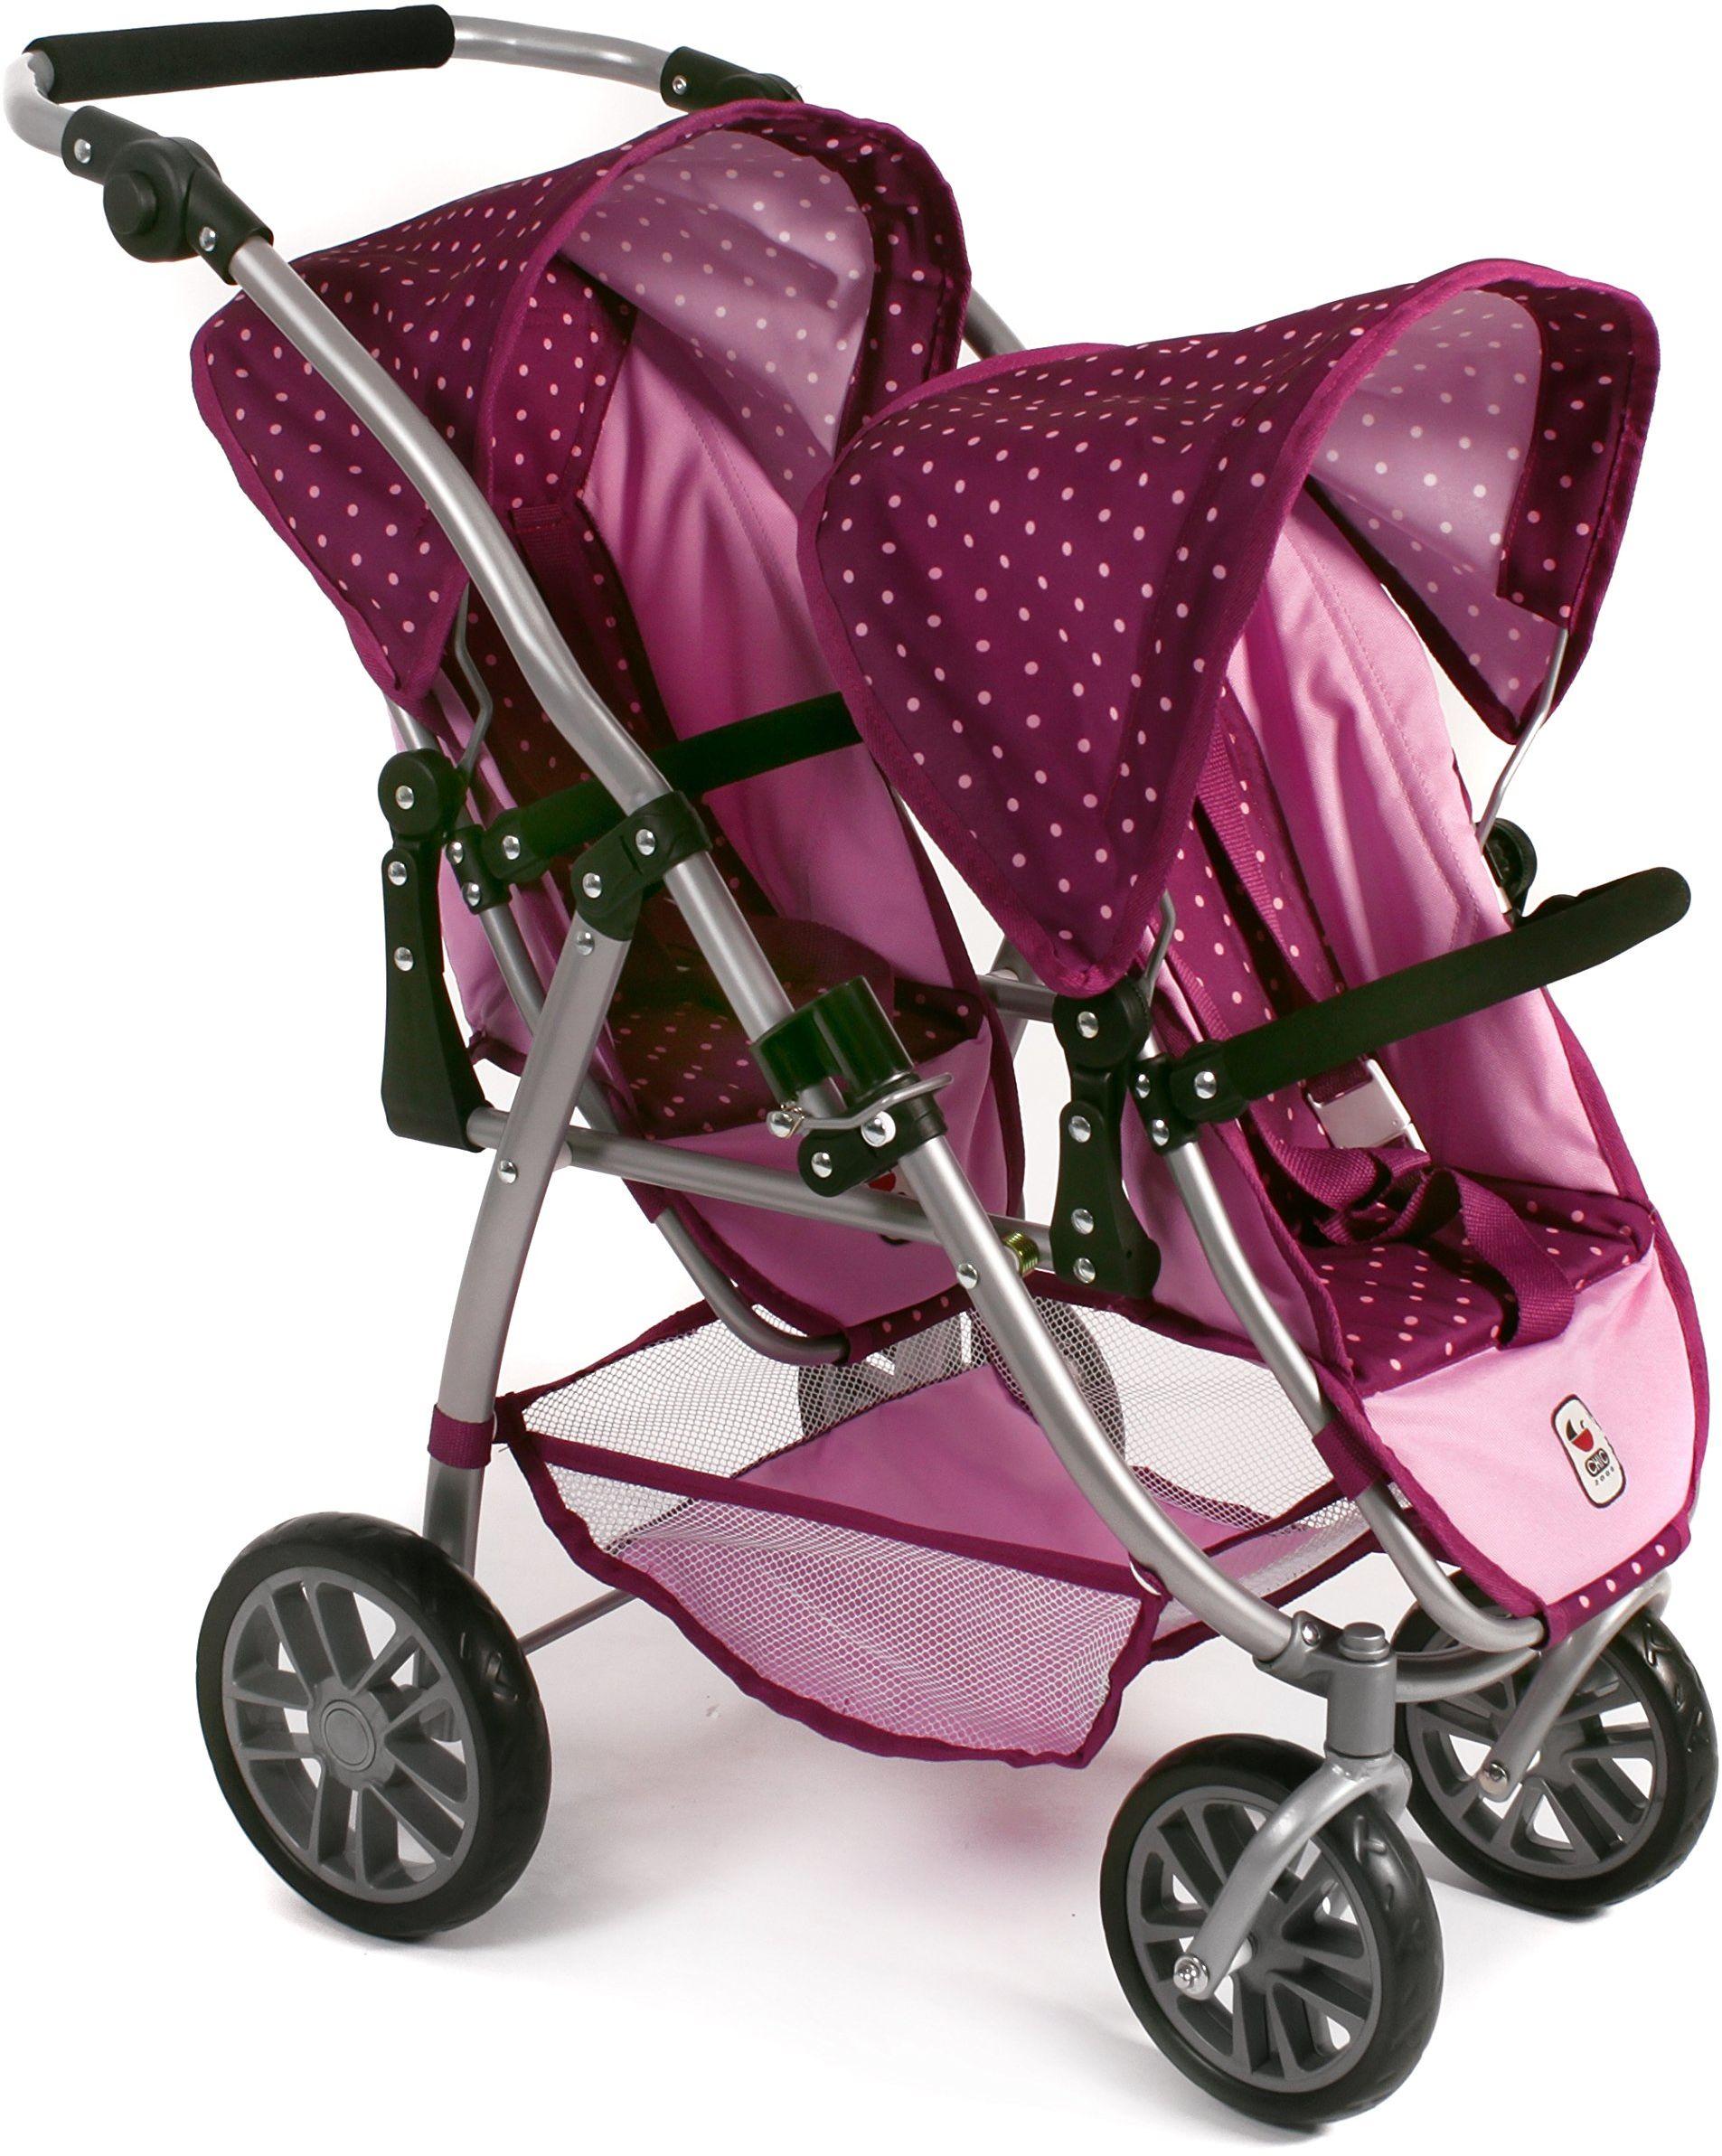 Bayer Chic 2000 689 29 wózek dla lalek, różowy